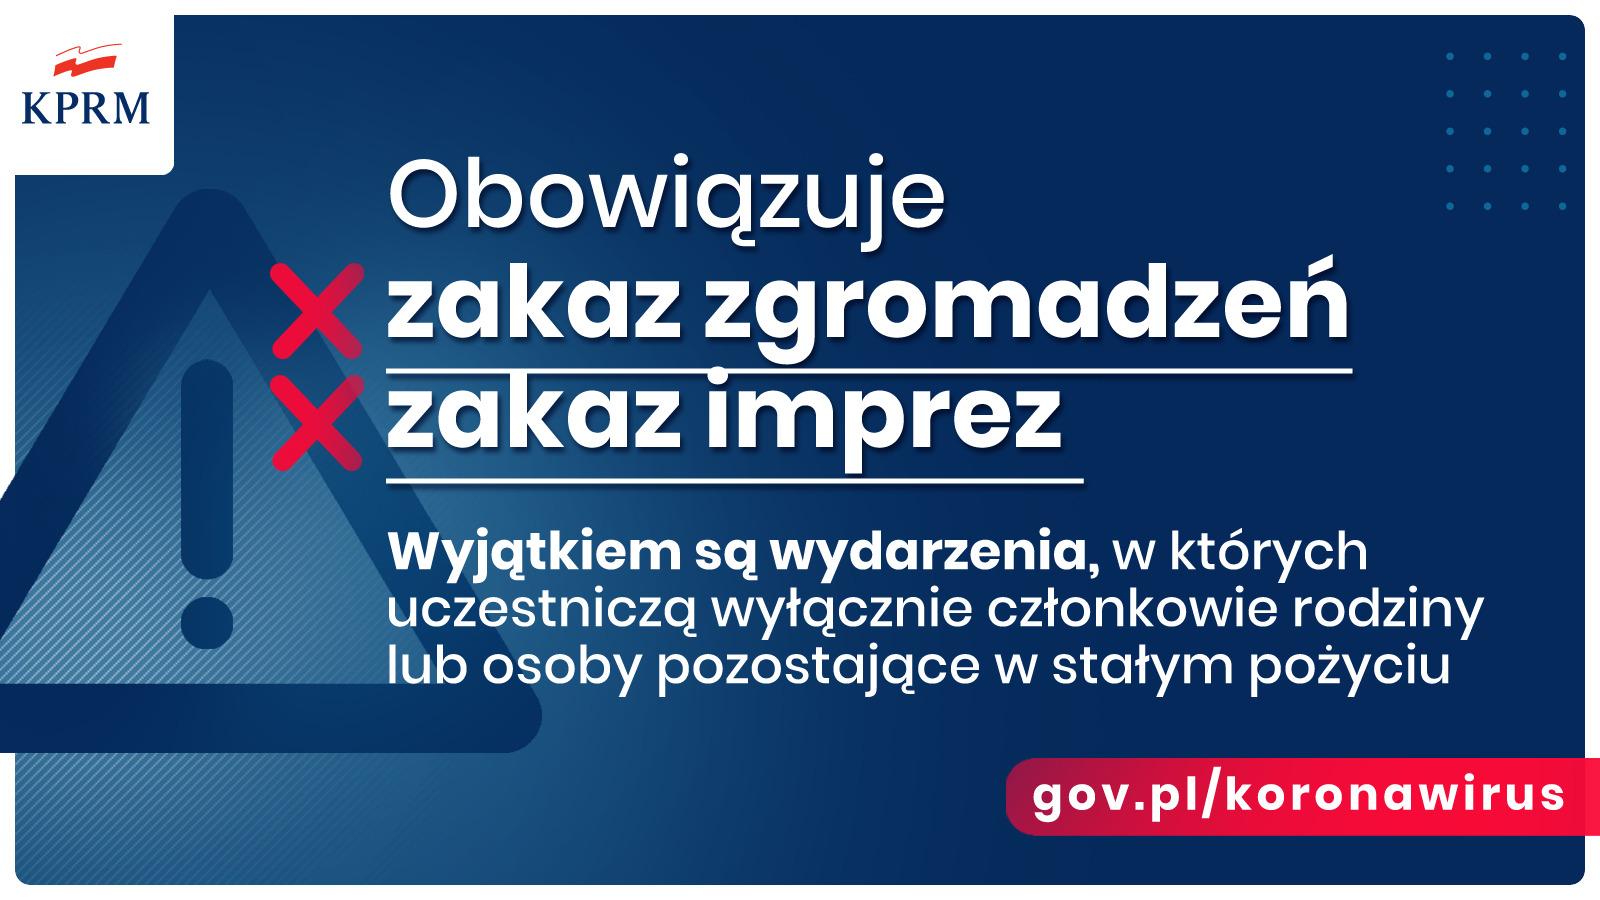 ET38xHKXgAEsVRP - Pilne: Rząd wprowadza nowe zasady bezpieczeństwa w związku z koronawirusem